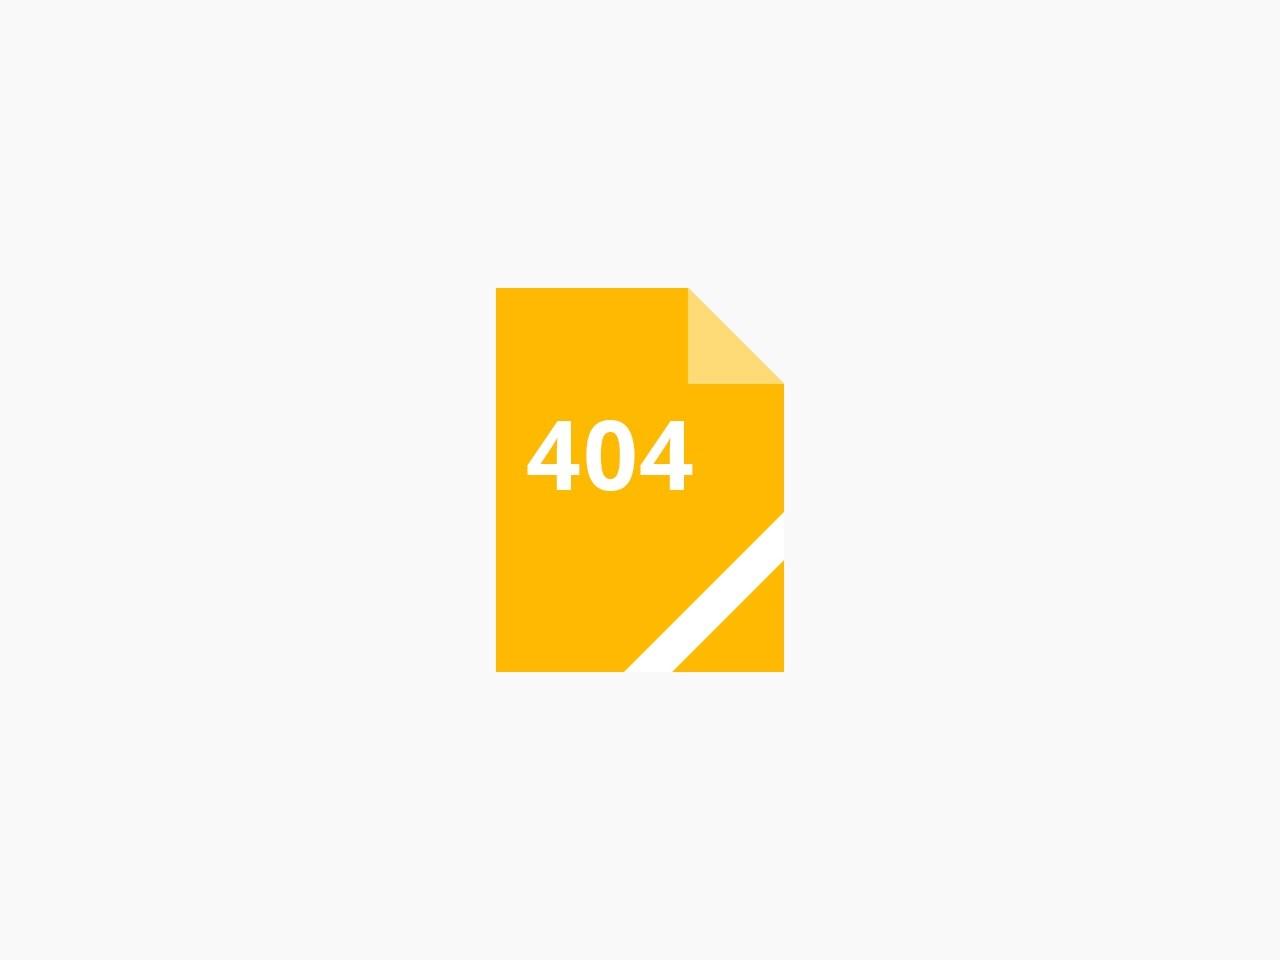 スポーツオーソリティ・パークプレイス大分店